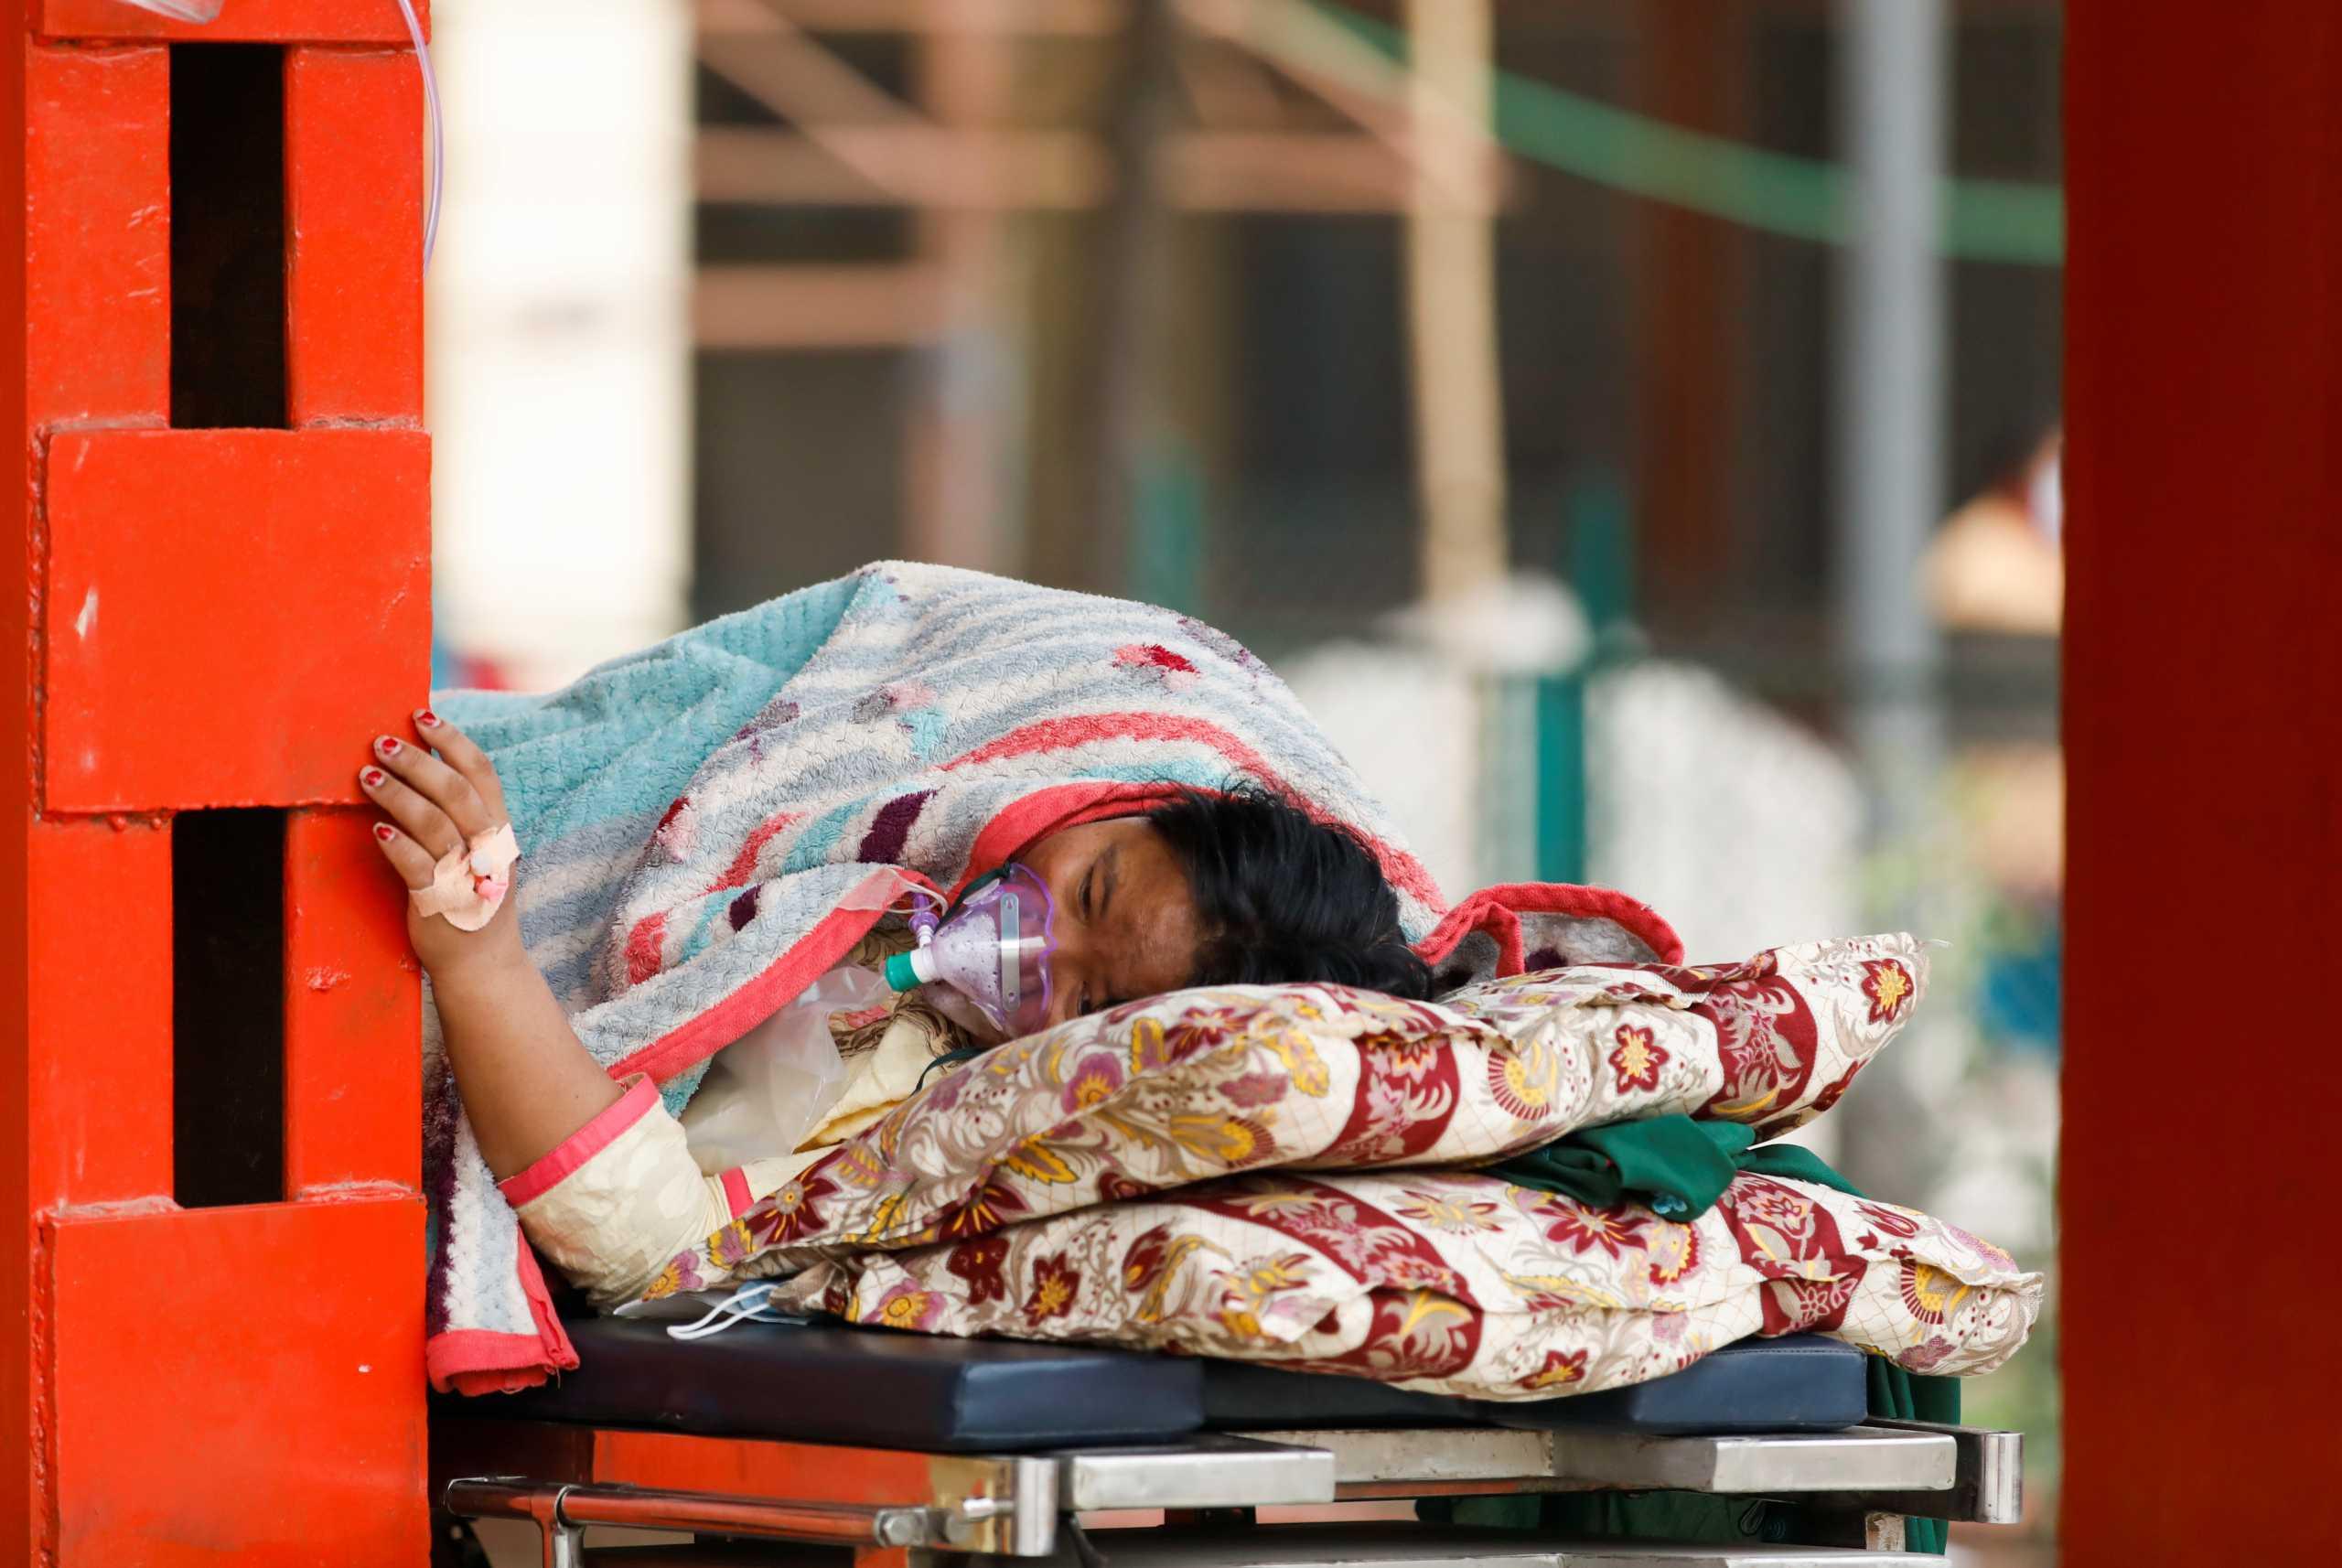 Κορονοϊός: Πεθαίνουν από ασφυξία λόγω έλλειψης οξυγόνου στο Νεπάλ – Χειρότερη η κατάσταση και από την Ινδία